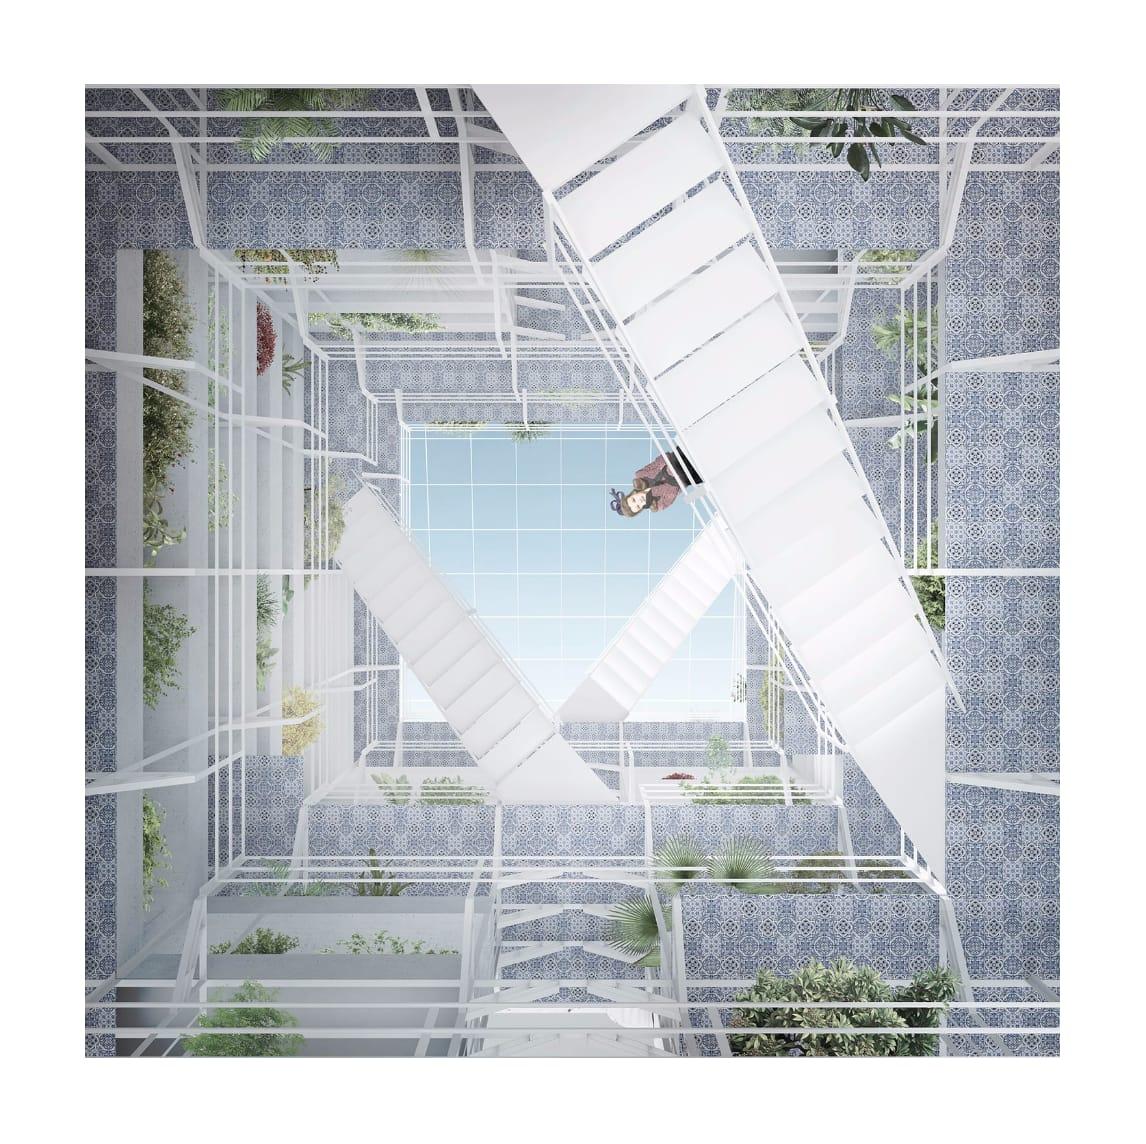 Architettura Del Verde arcipelago - architettura collettiva · del verde · divisare